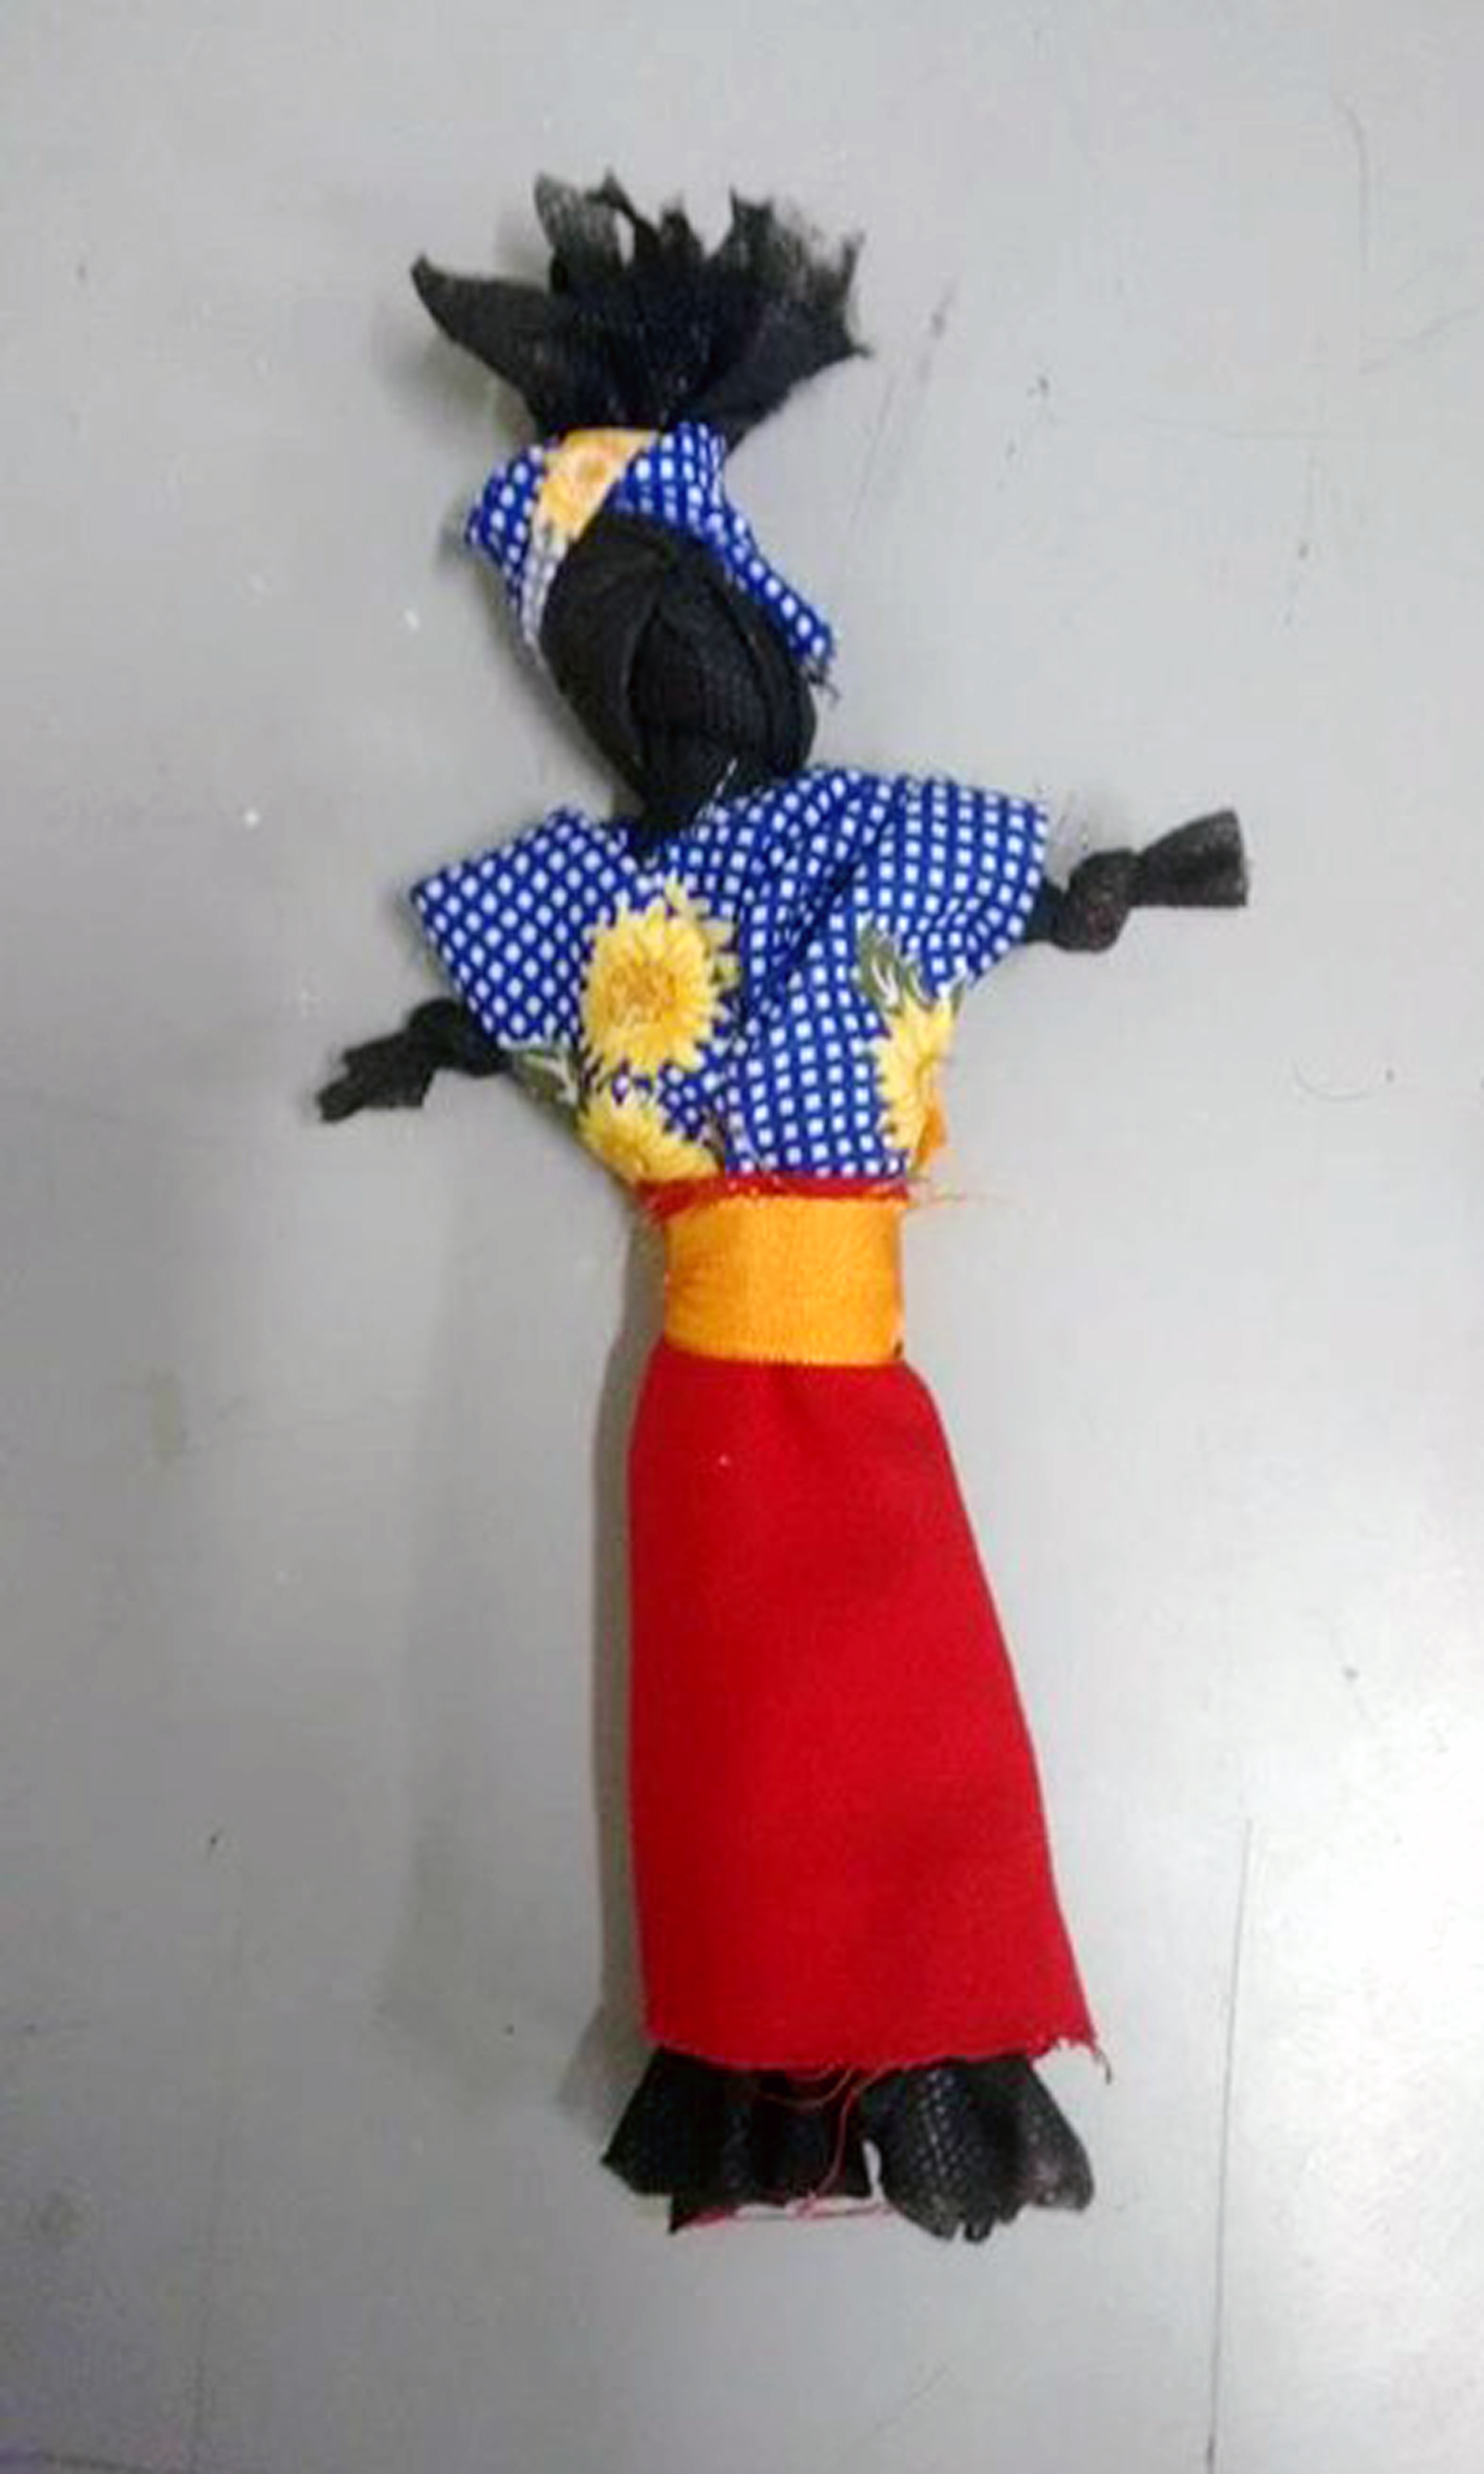 Boneca de pano preta com uma saia vermelha e uma blusa azul.